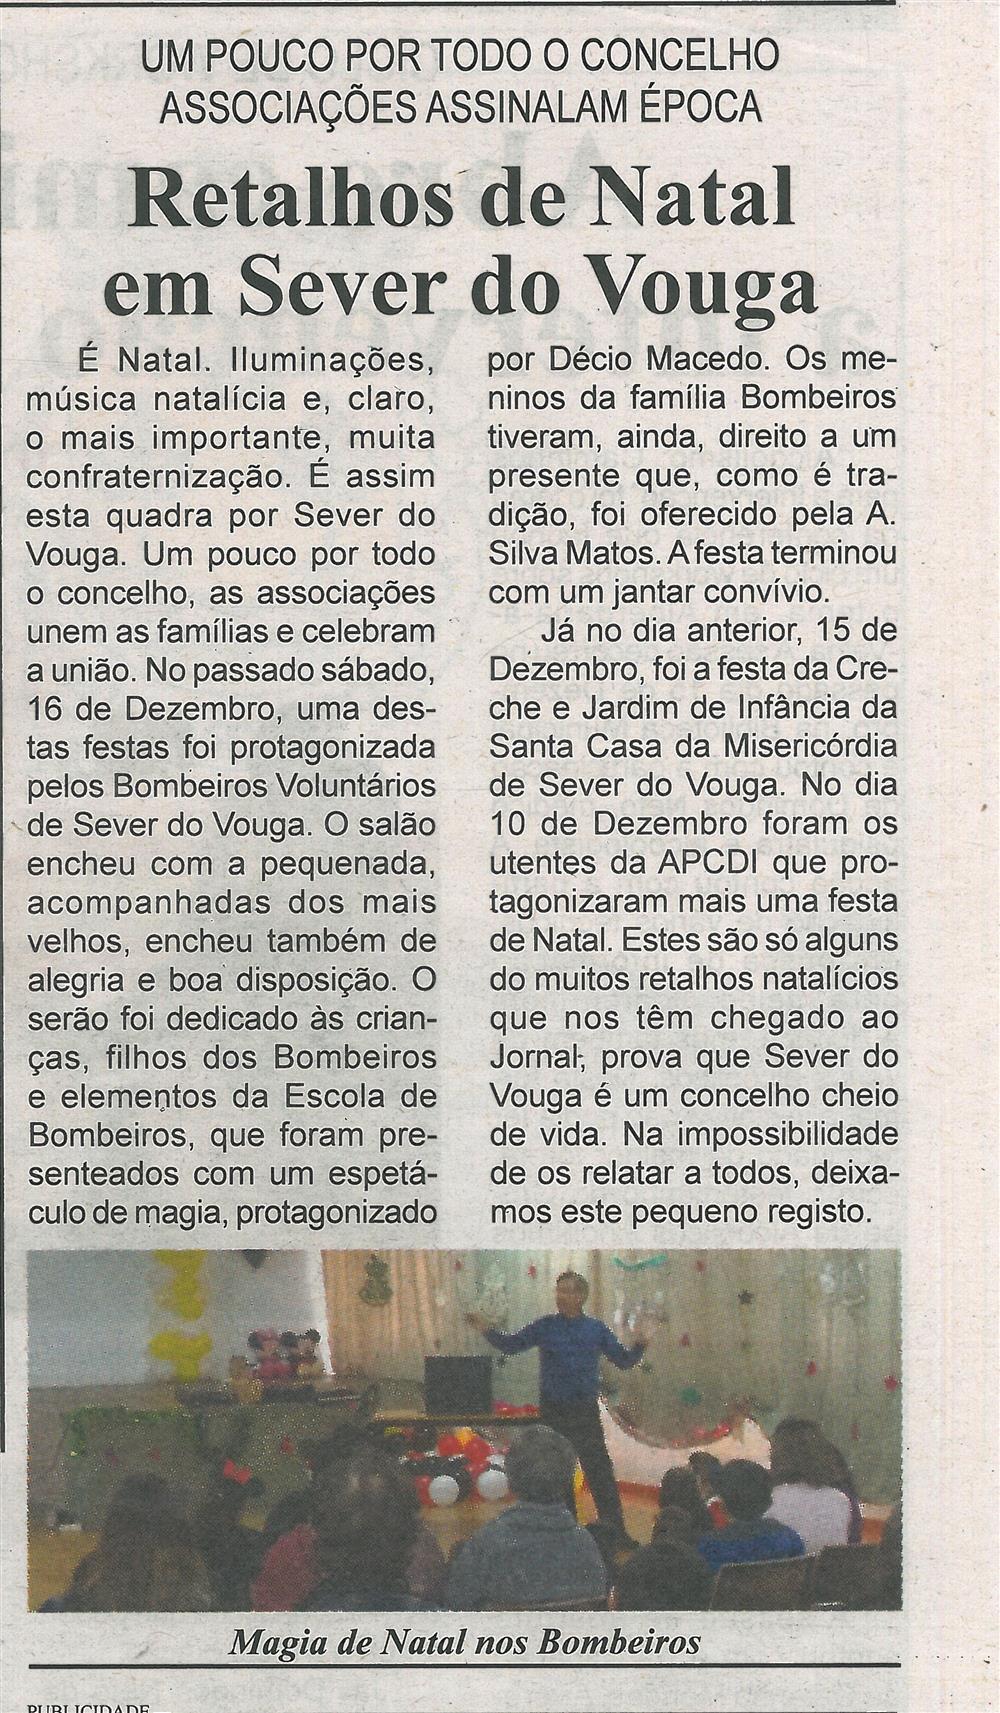 BV-2.ªdez.'17-p.5-Retalhos de Natal em Sever do Vouga : um pouco por todo o concelho, associações assinalam época.jpg